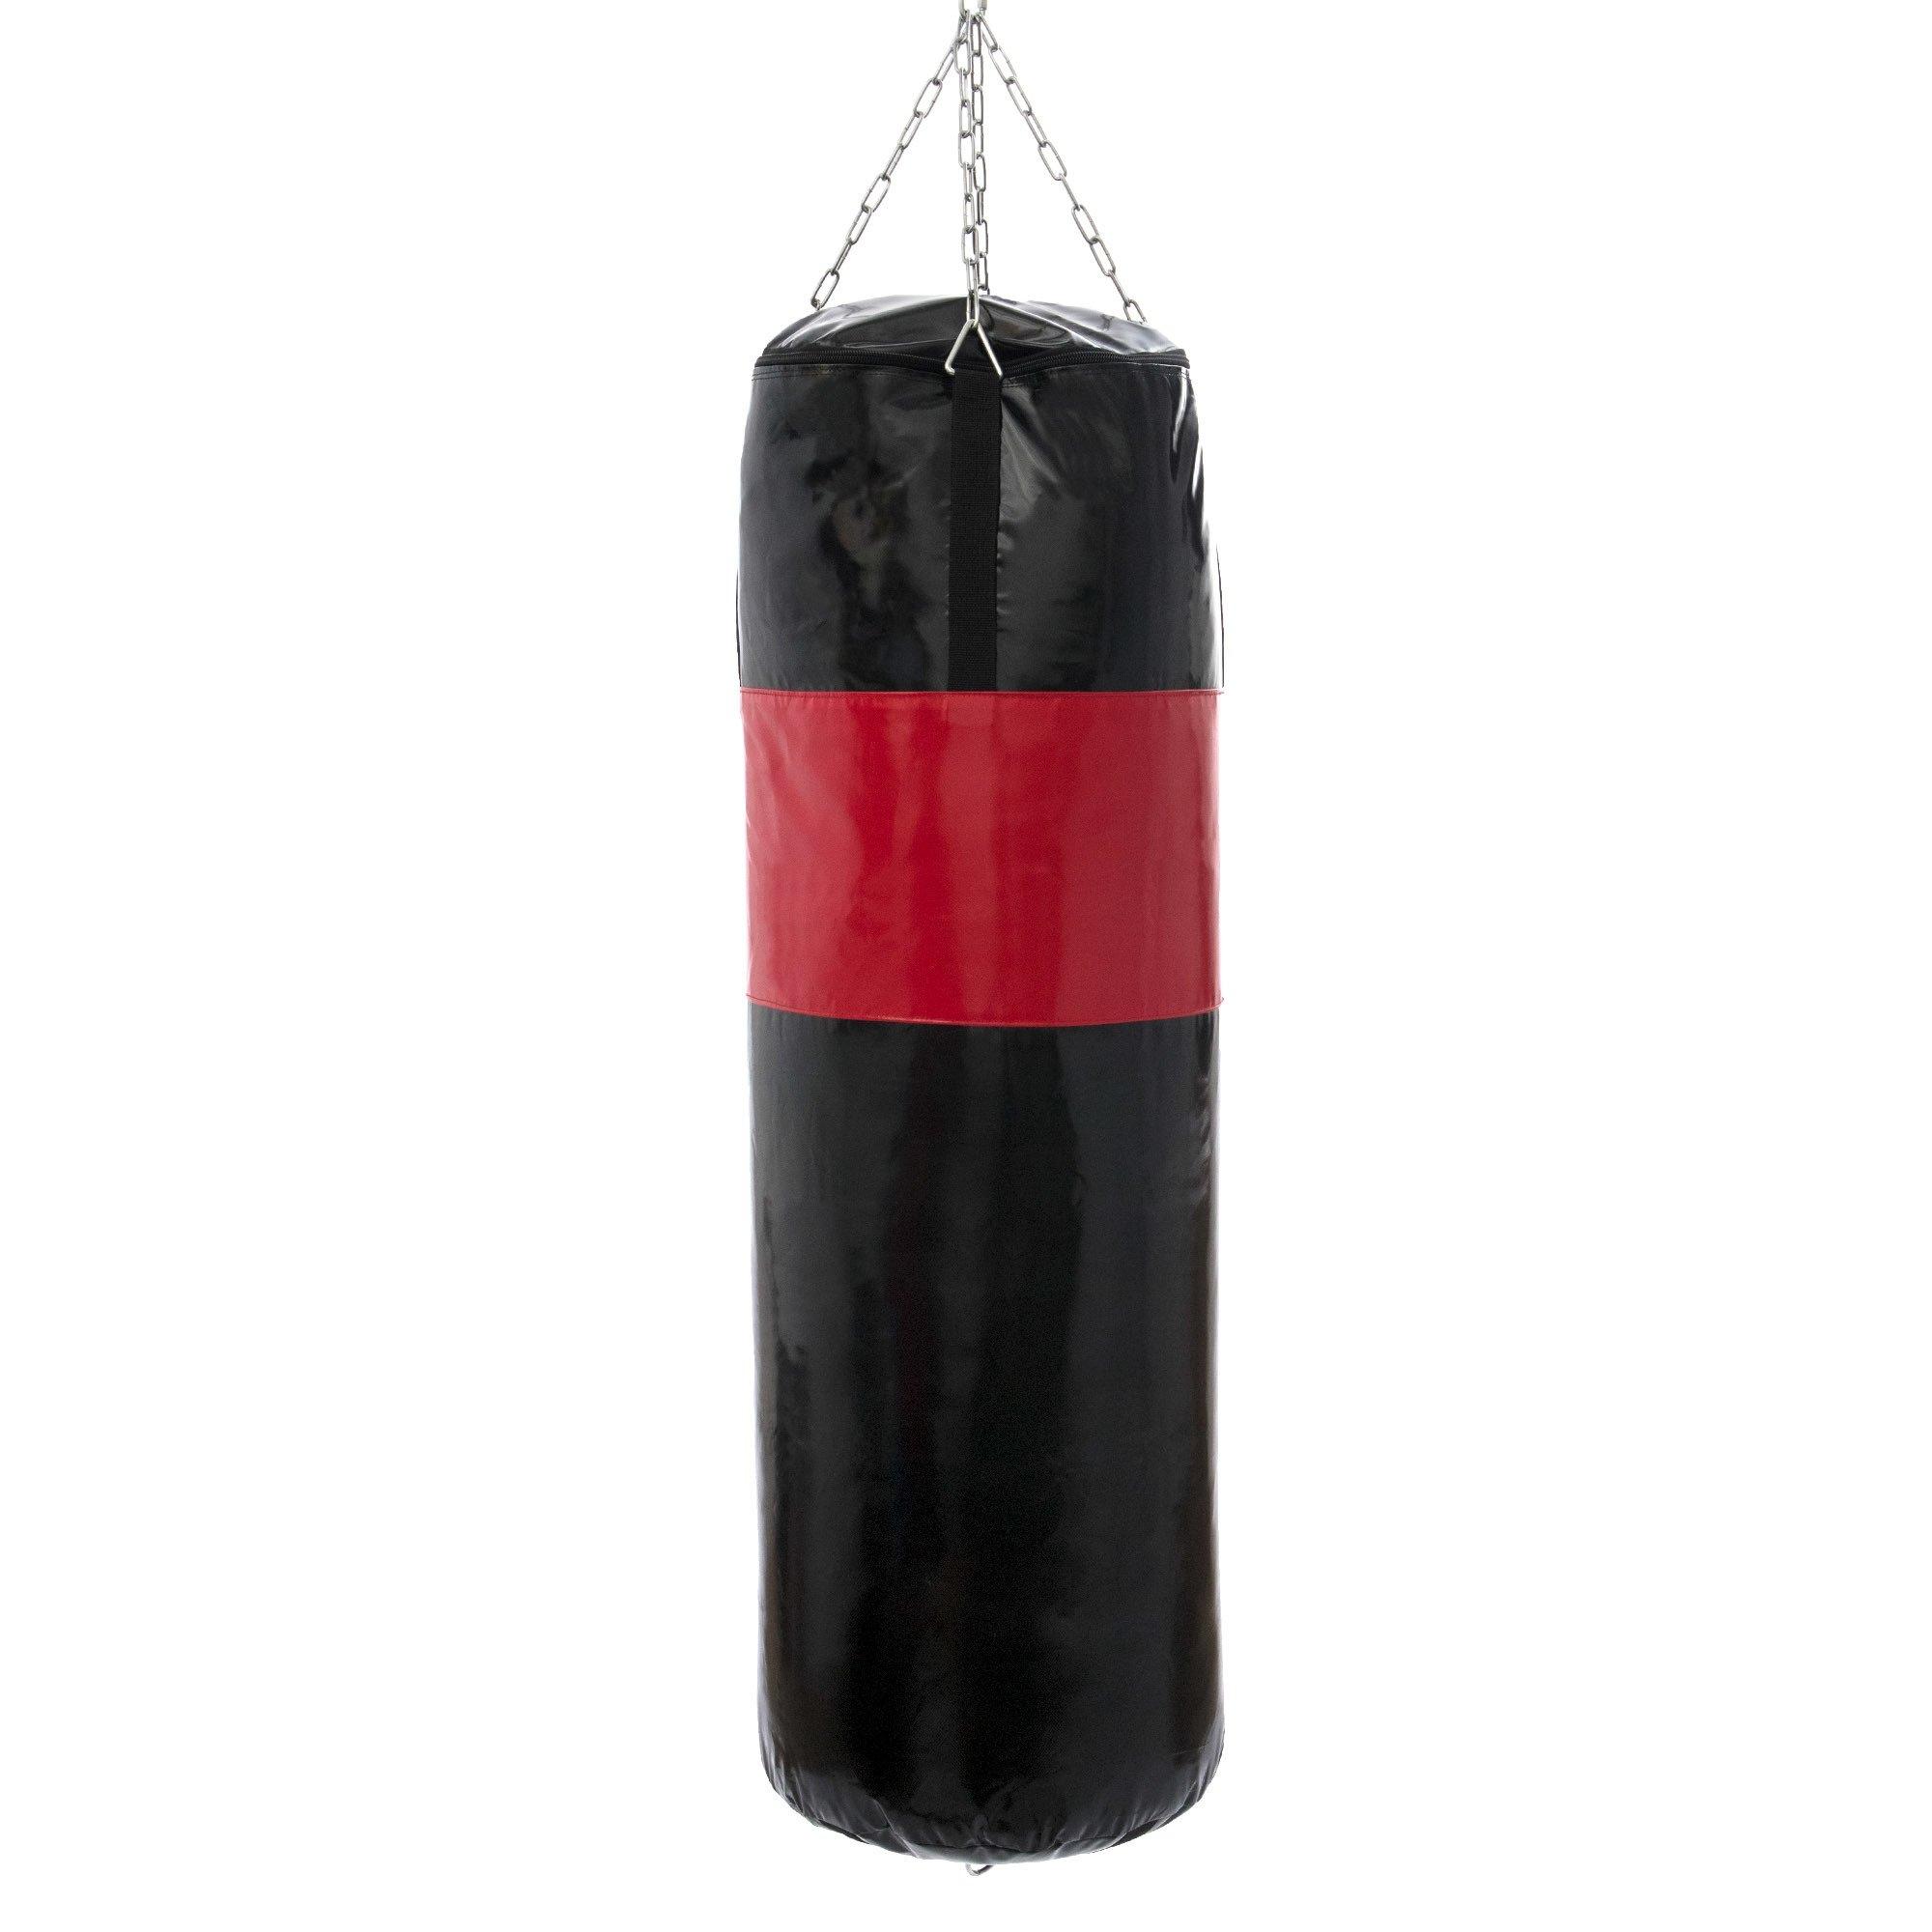 Image of Worek bokserski wzmocniony 130 cm fi45 cm + torpeda mc-w130|45-ex - marbo sport